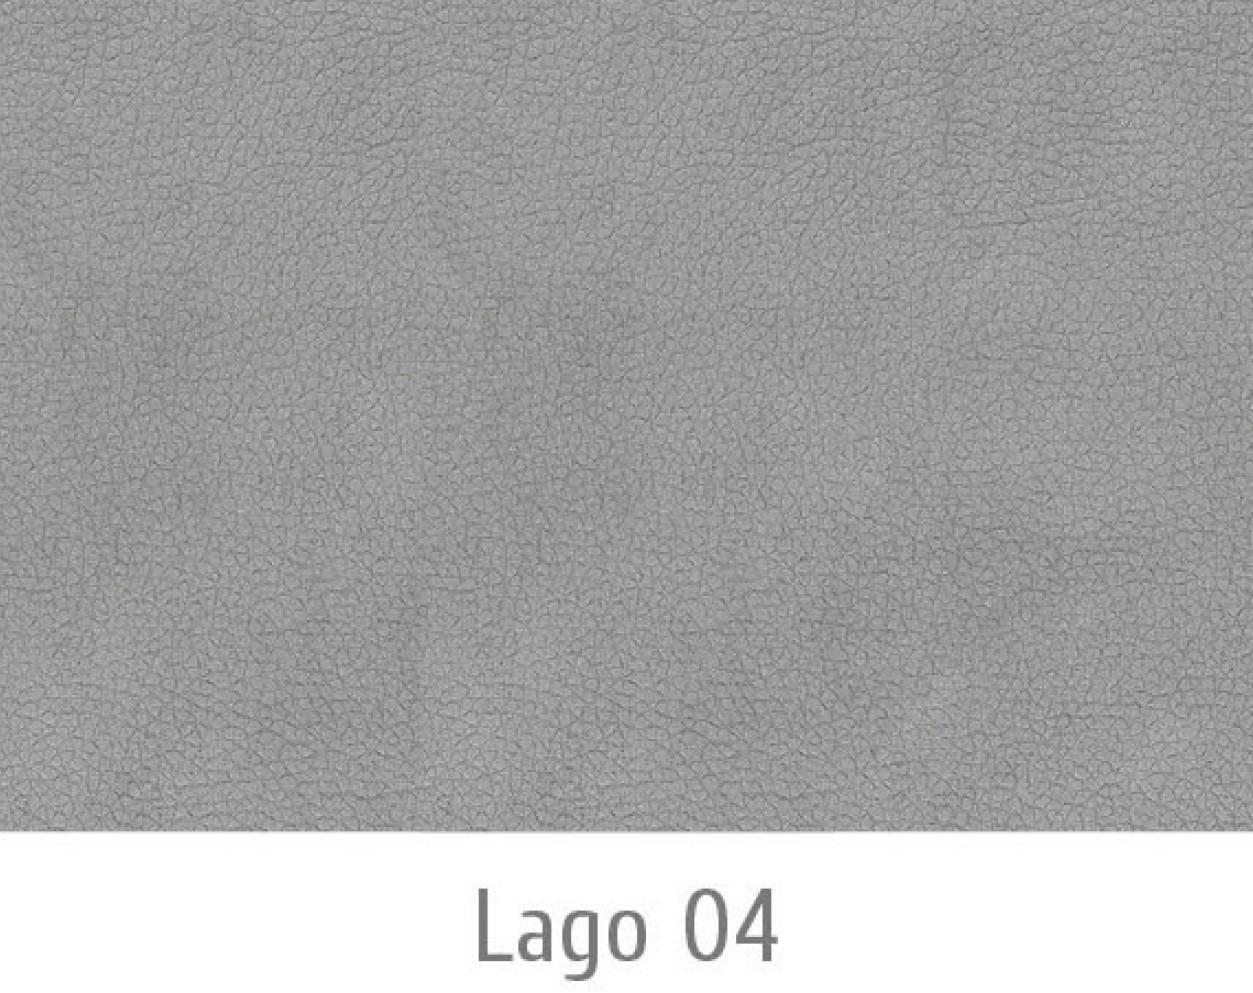 Lago04